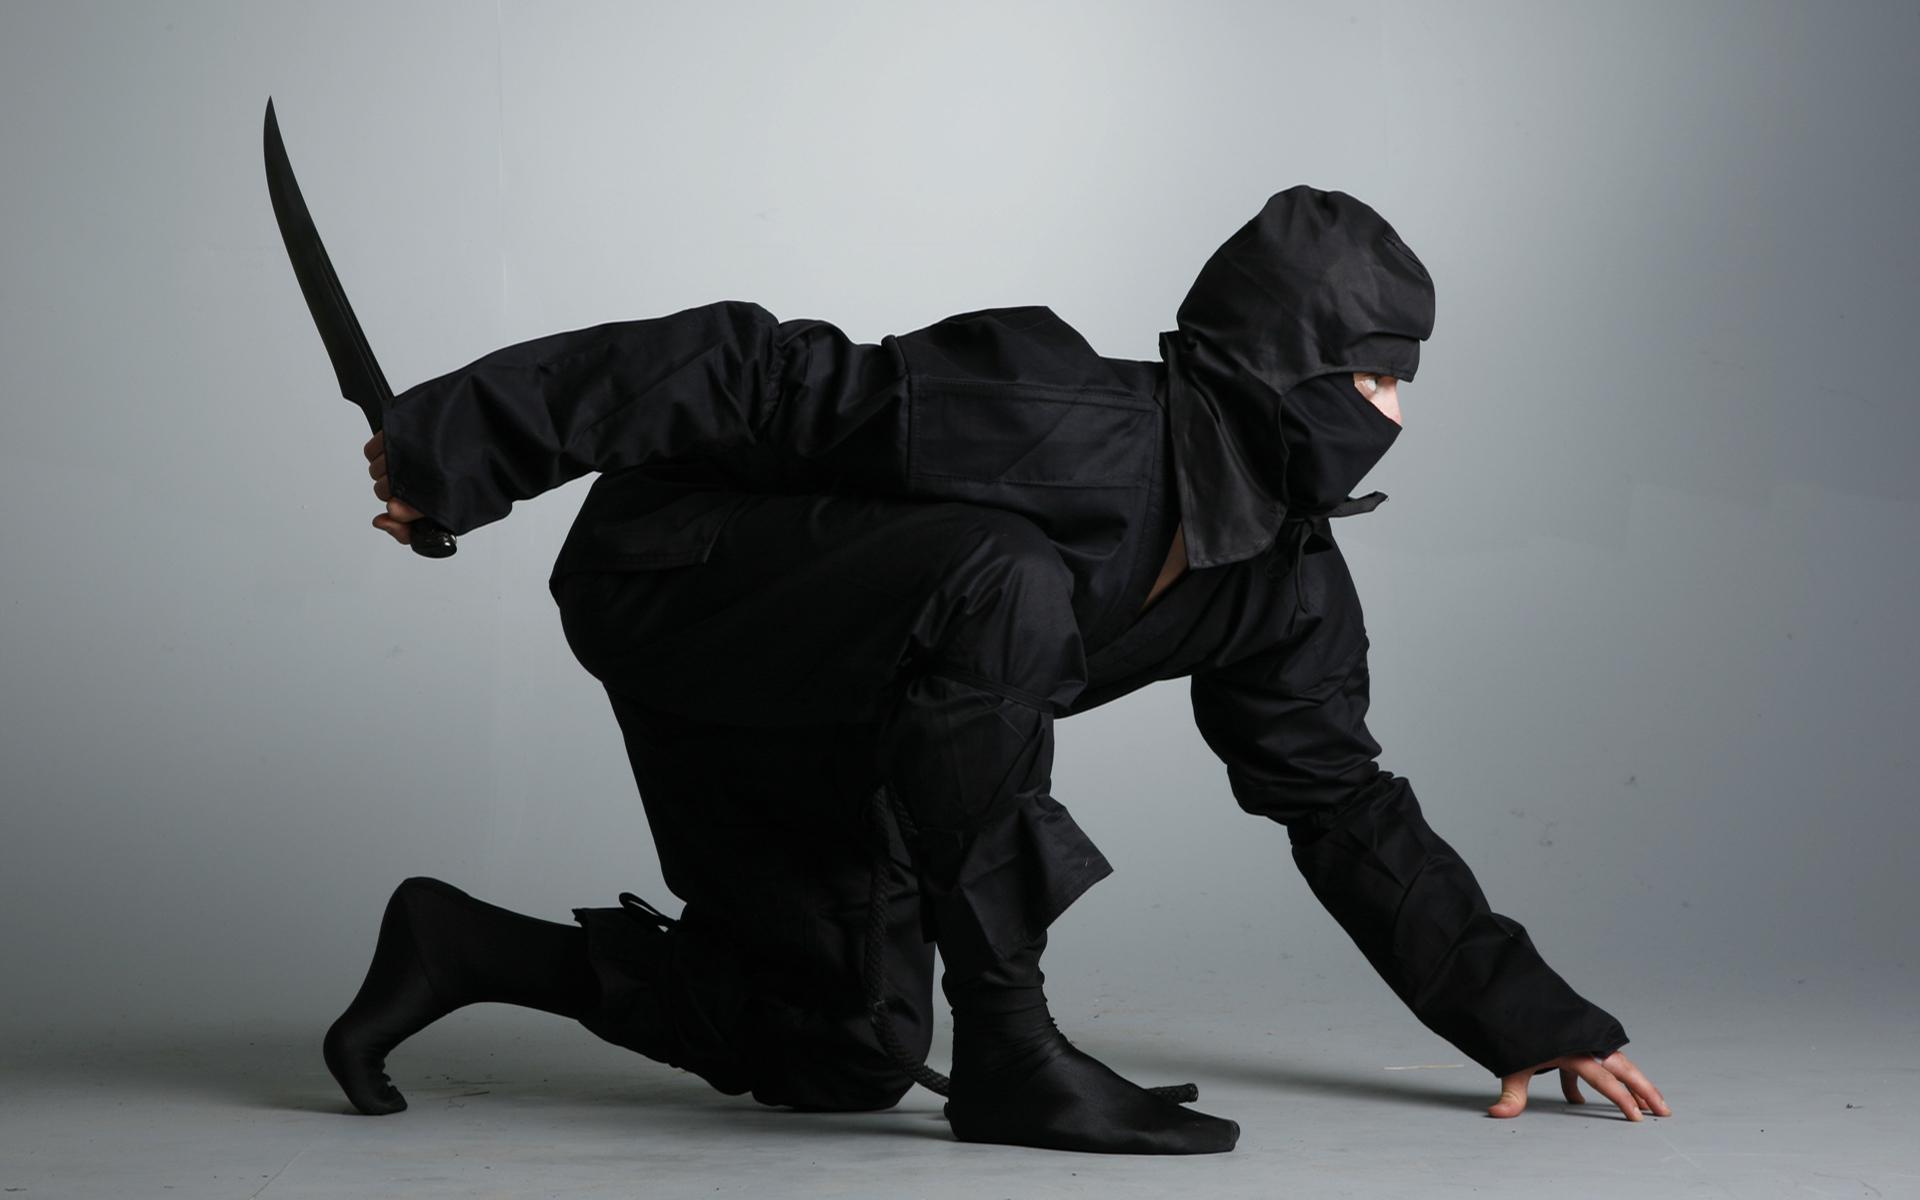 Un ninja de negro - 1920x1200